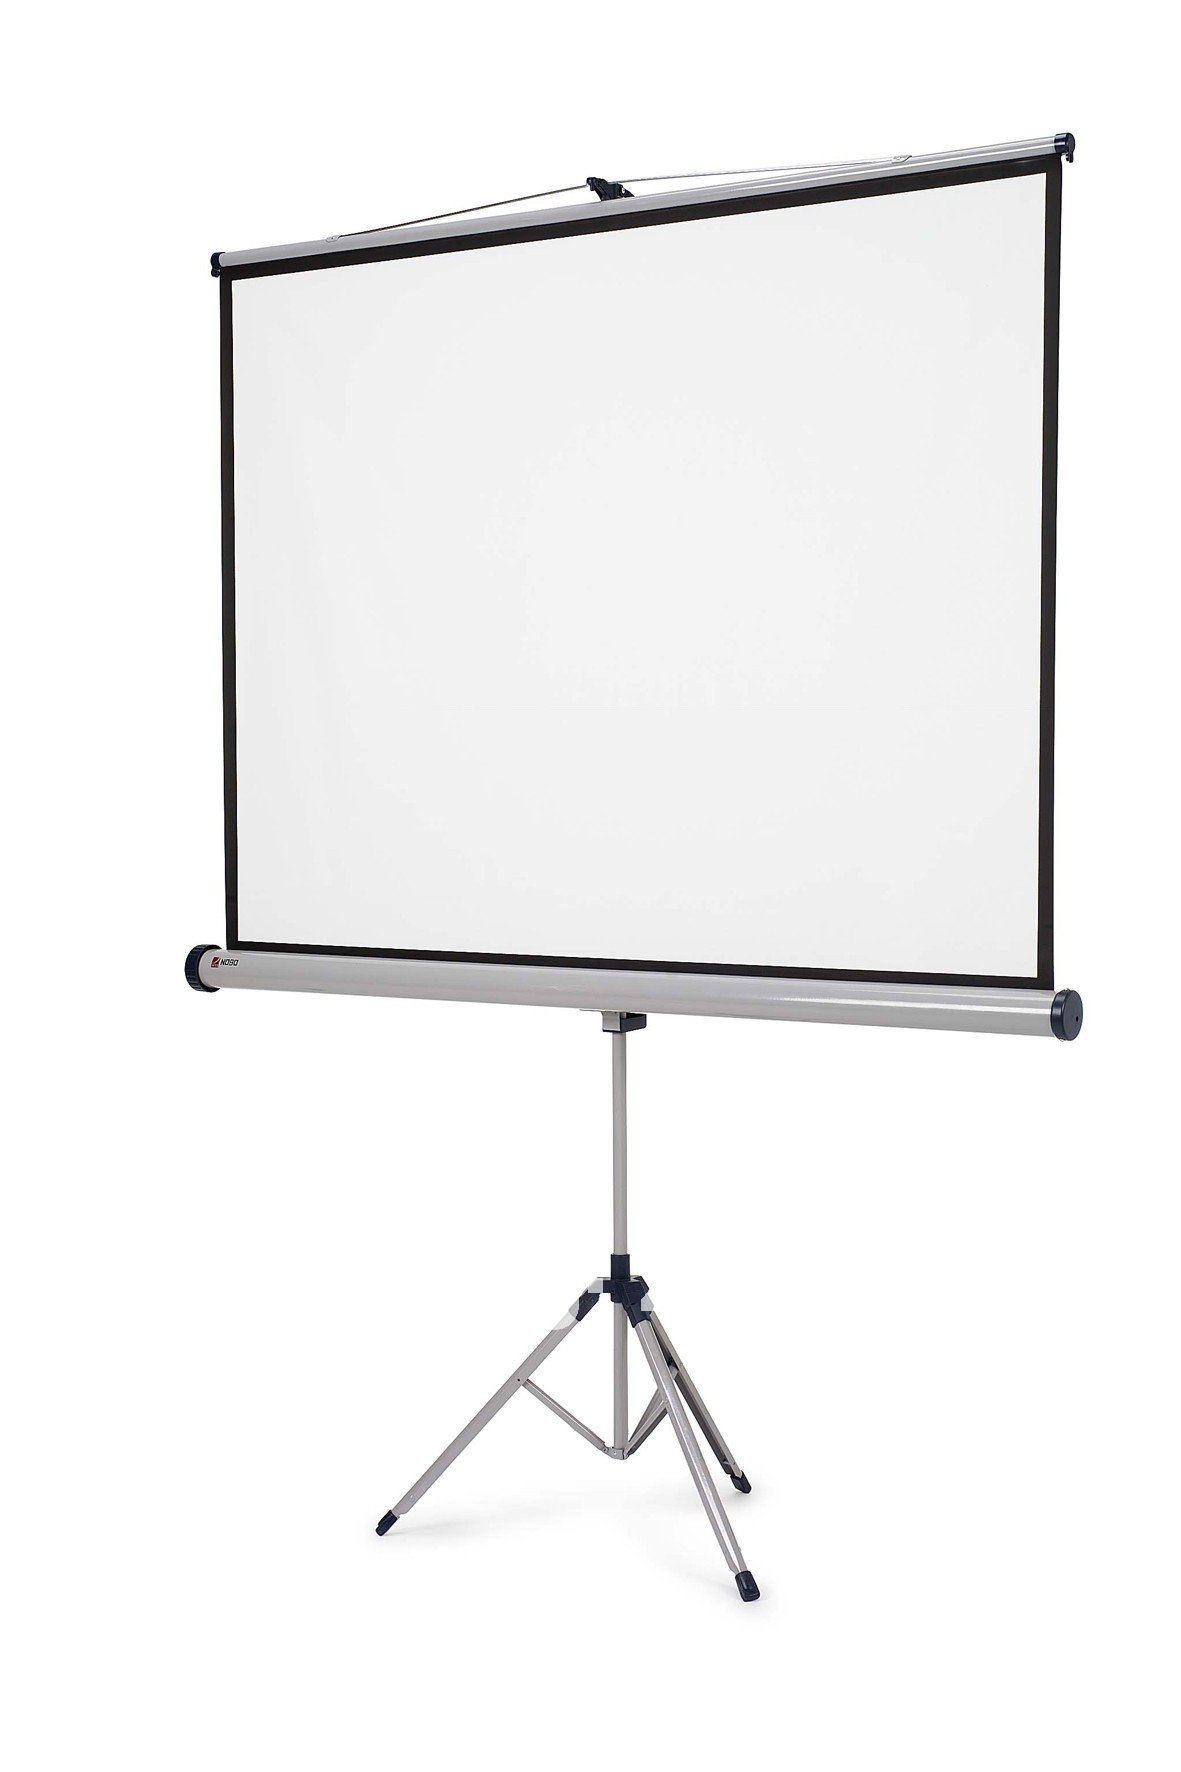 экран для проектора на триноге